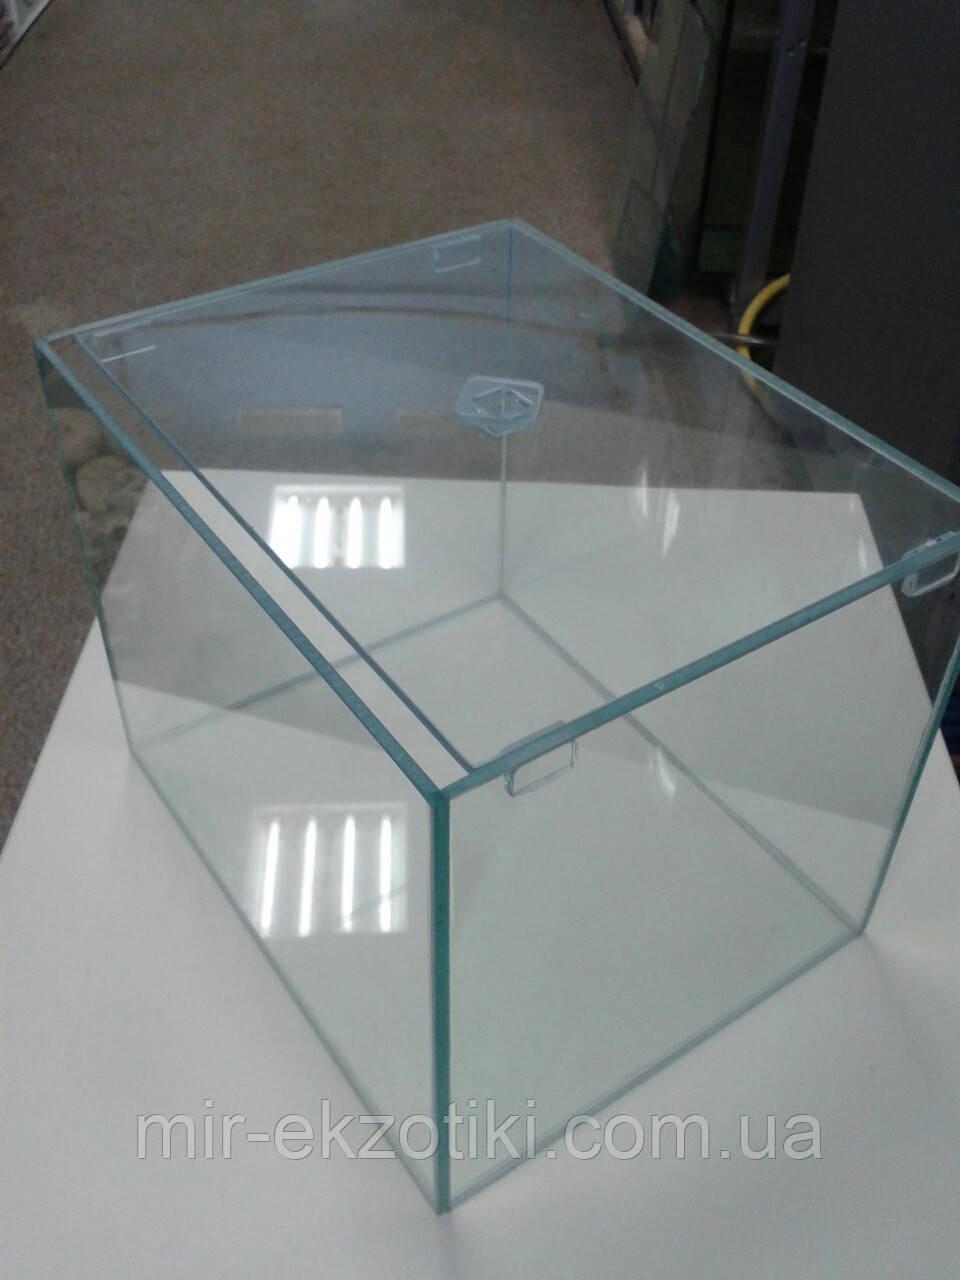 Террариум 10л прямоугольный